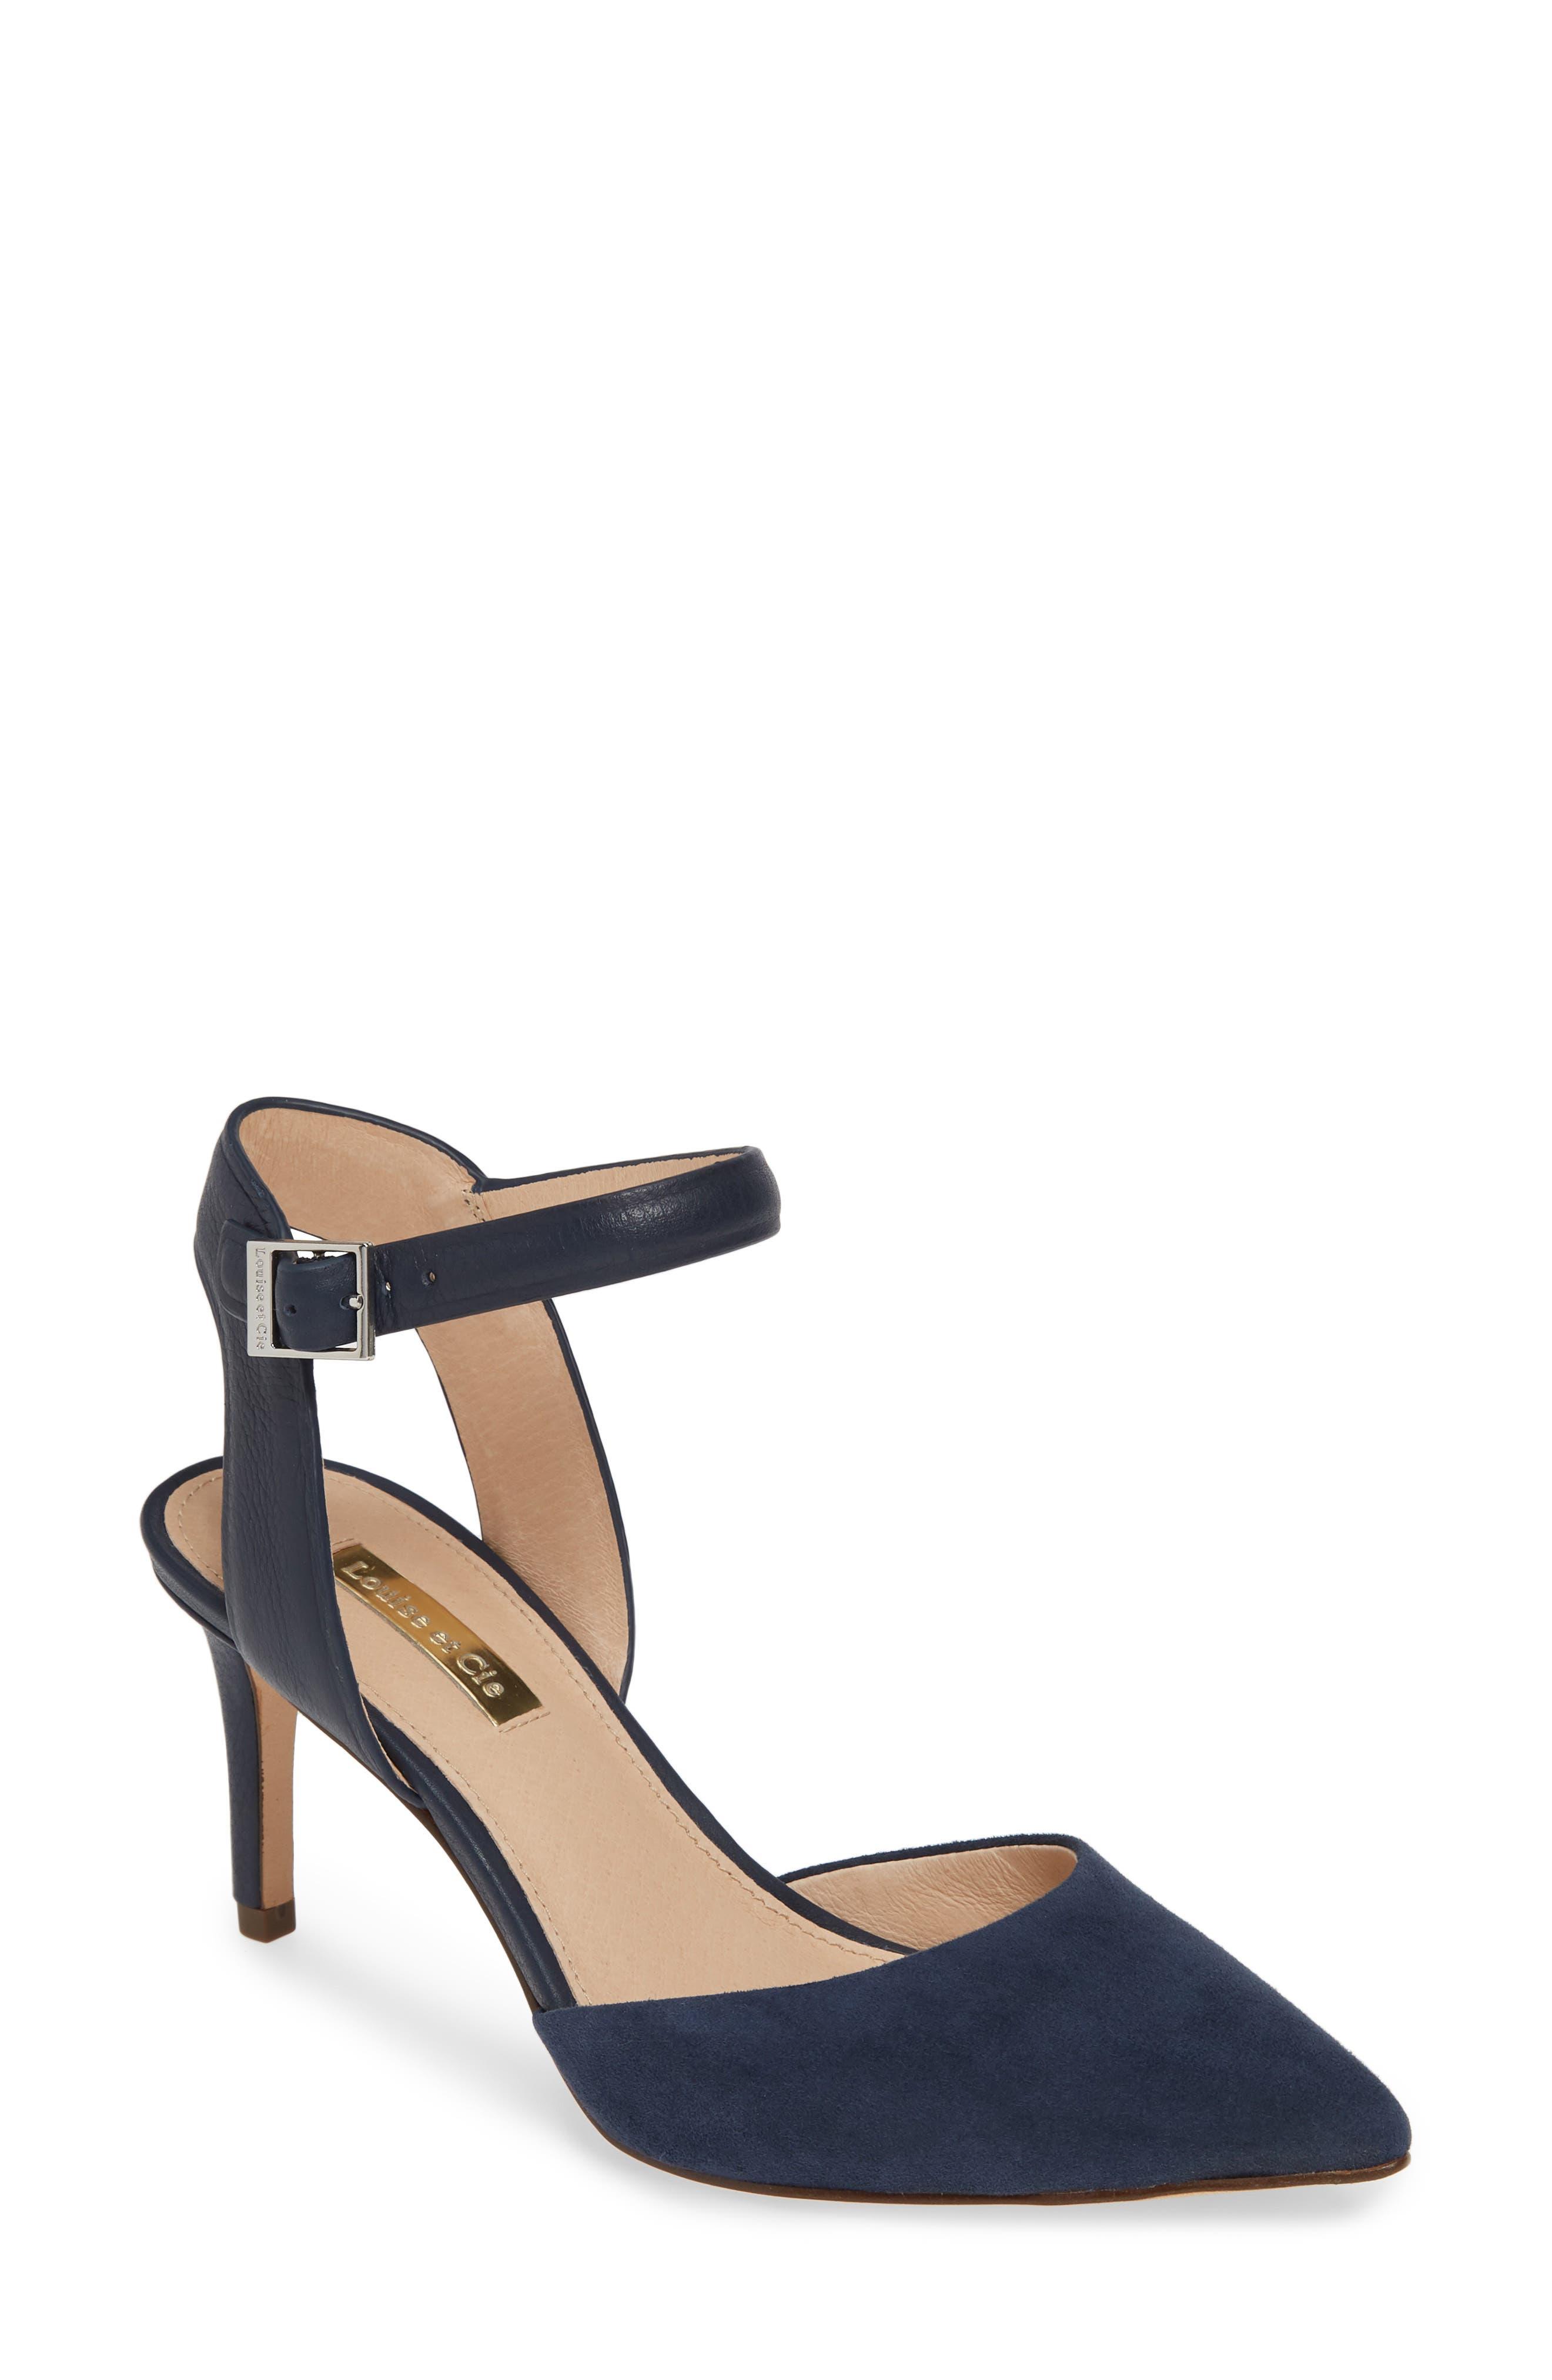 Louise Et Cie Kota Ankle Strap Pump, Blue